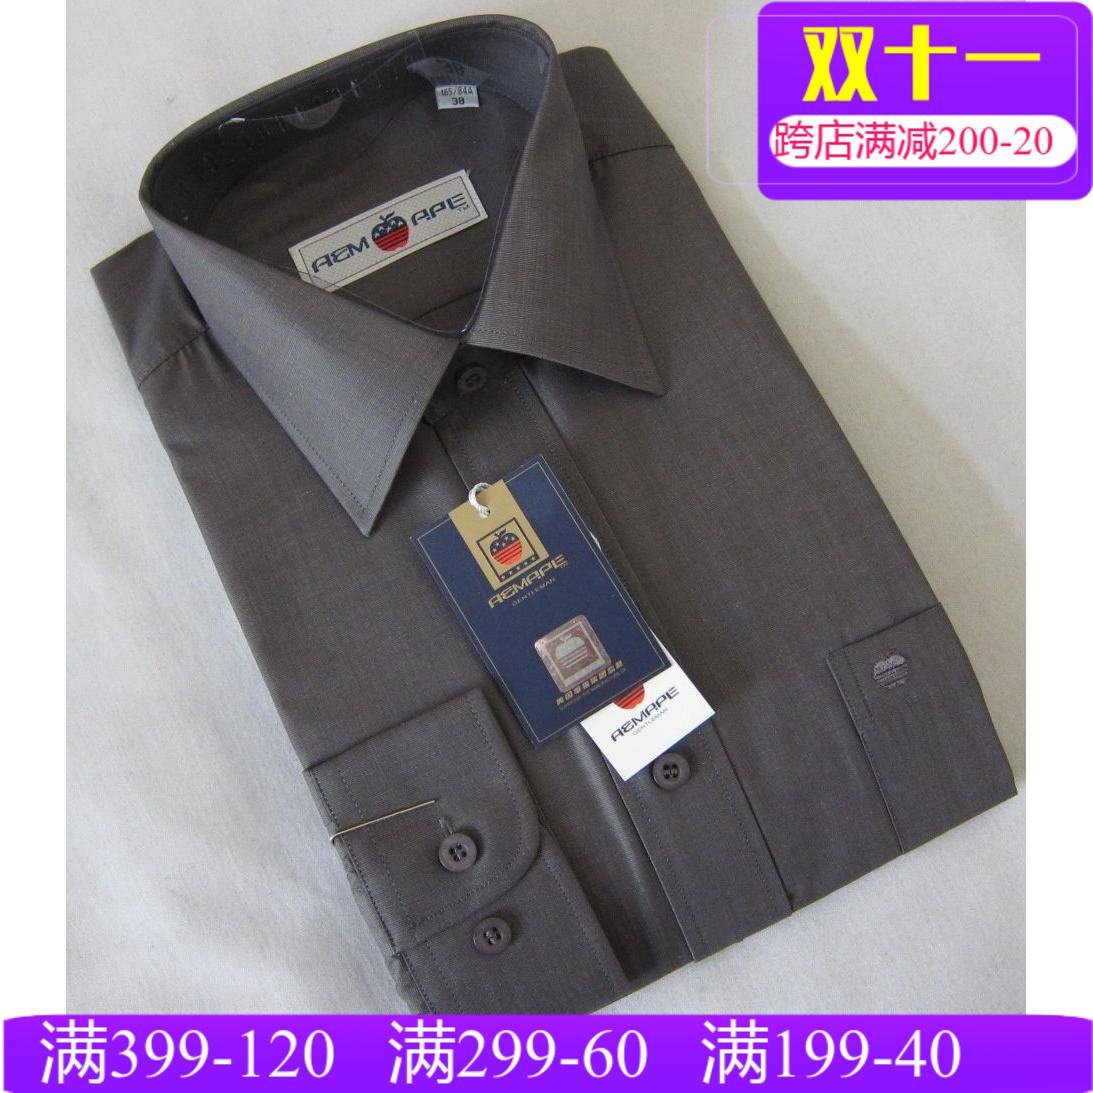 广州苹果爱普服饰    苹果男式长袖衬衣   5558